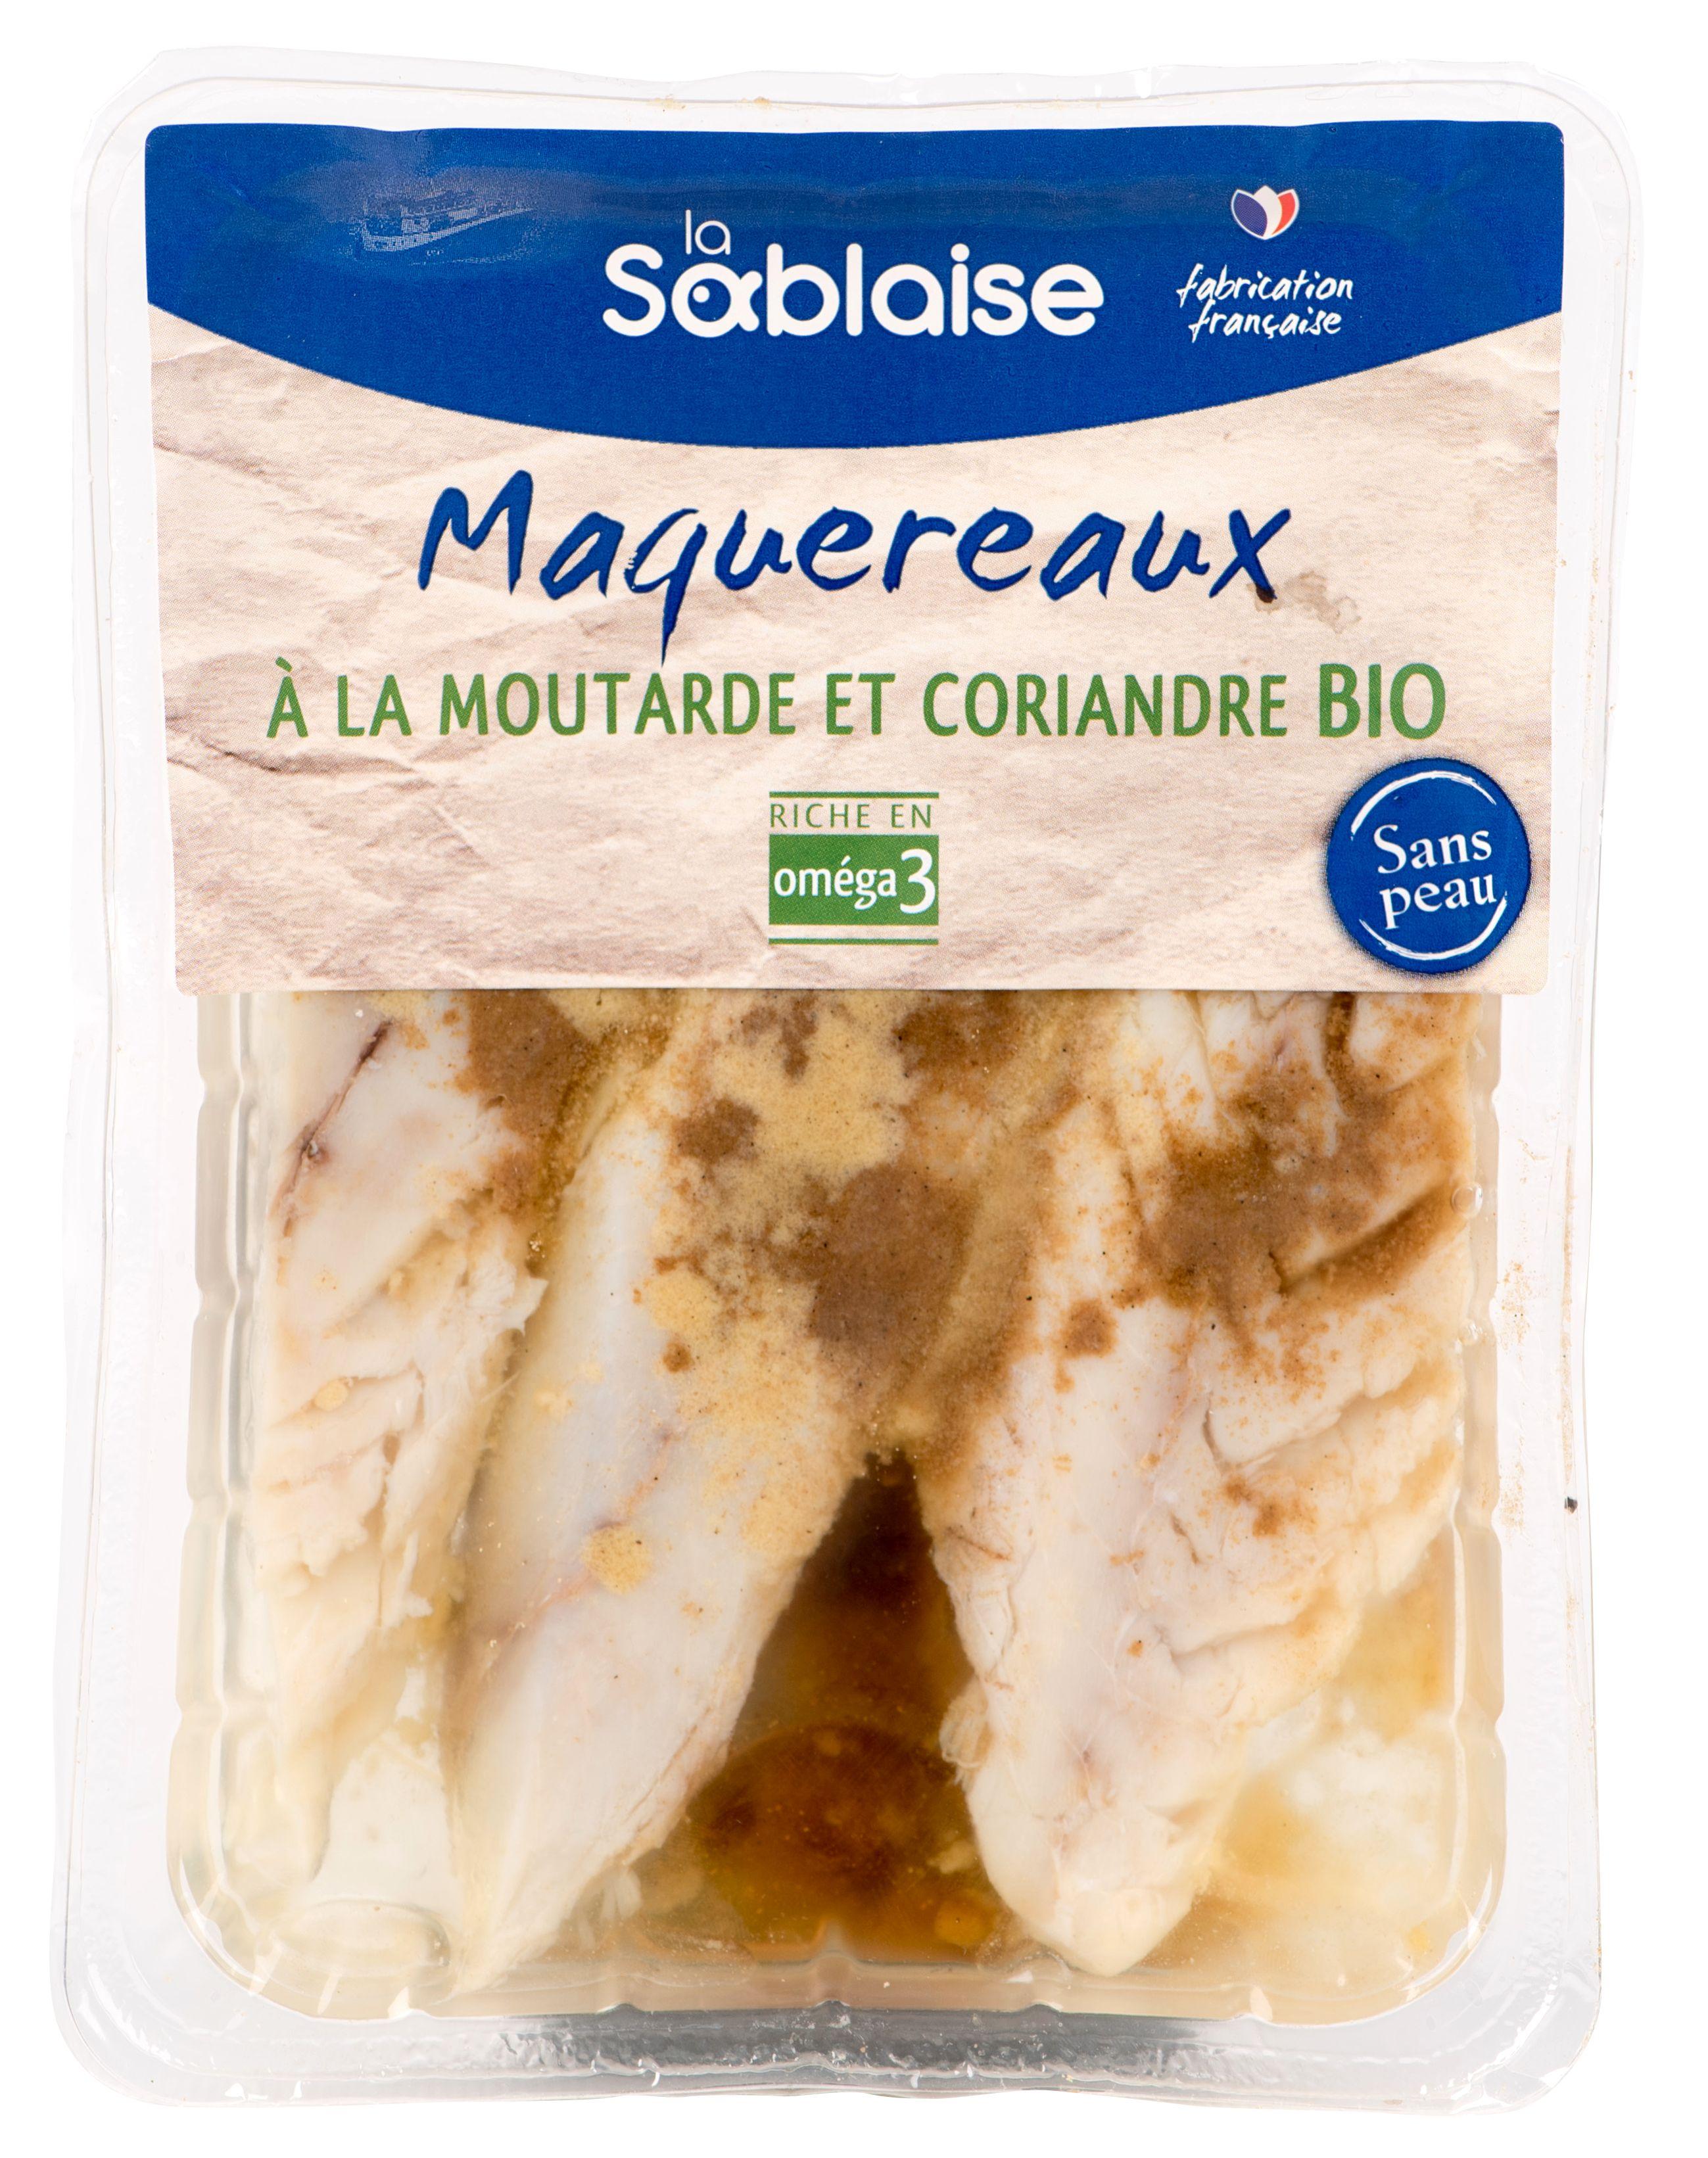 Maquereaux marinés à la moutarde et coriandre BIO, La Sablaise (150 g)